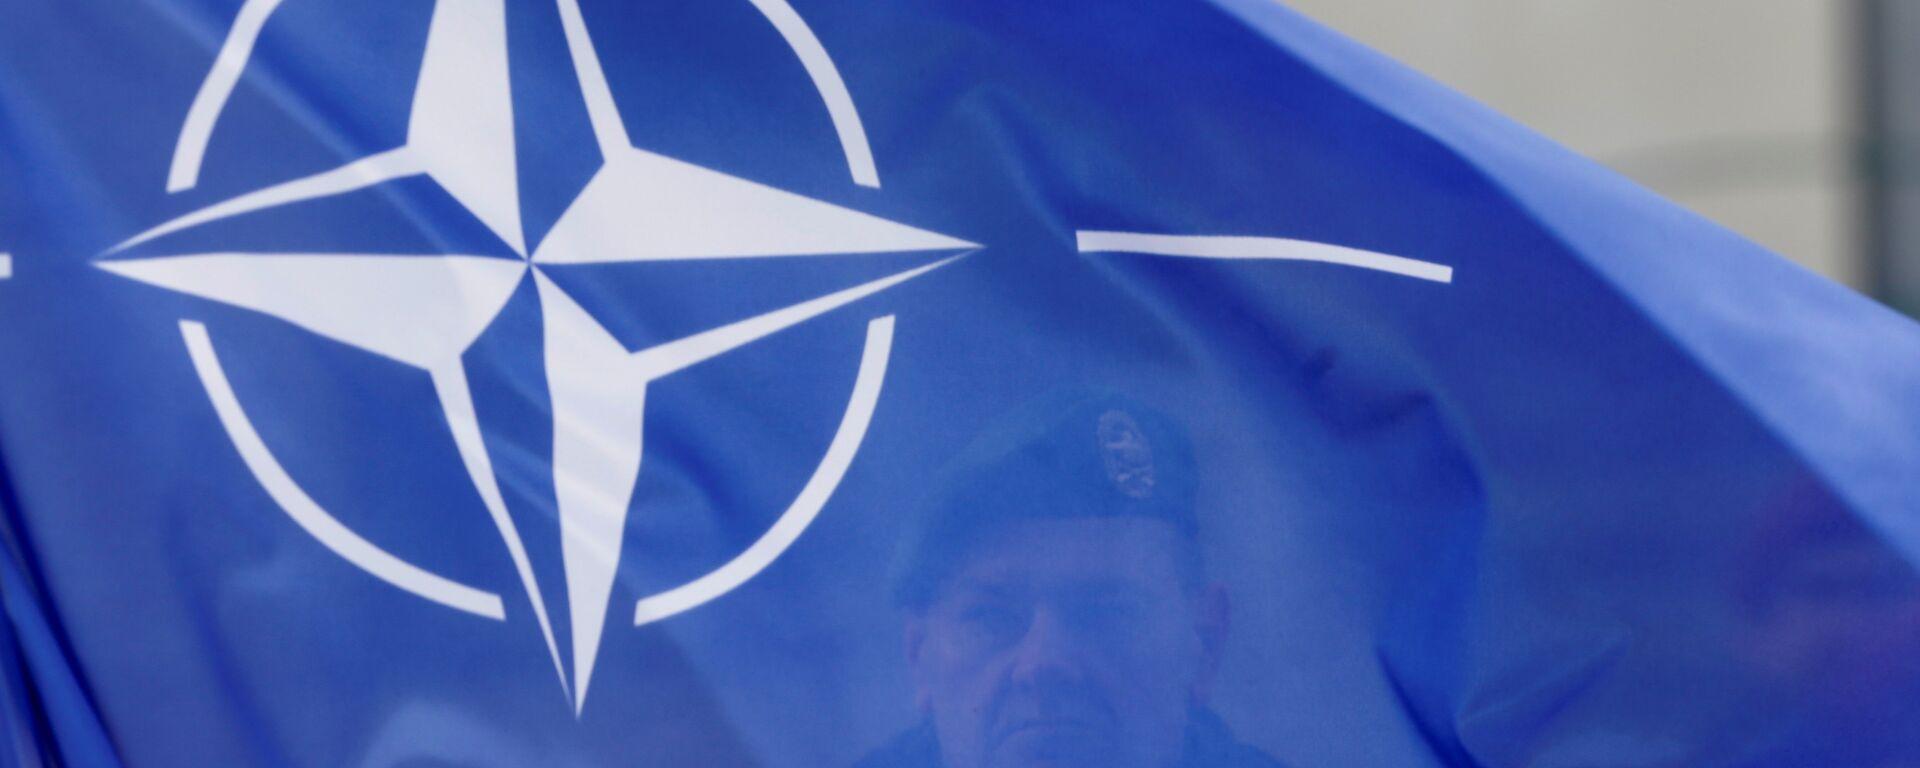 Bandera de la OTAN - Sputnik Mundo, 1920, 28.01.2021